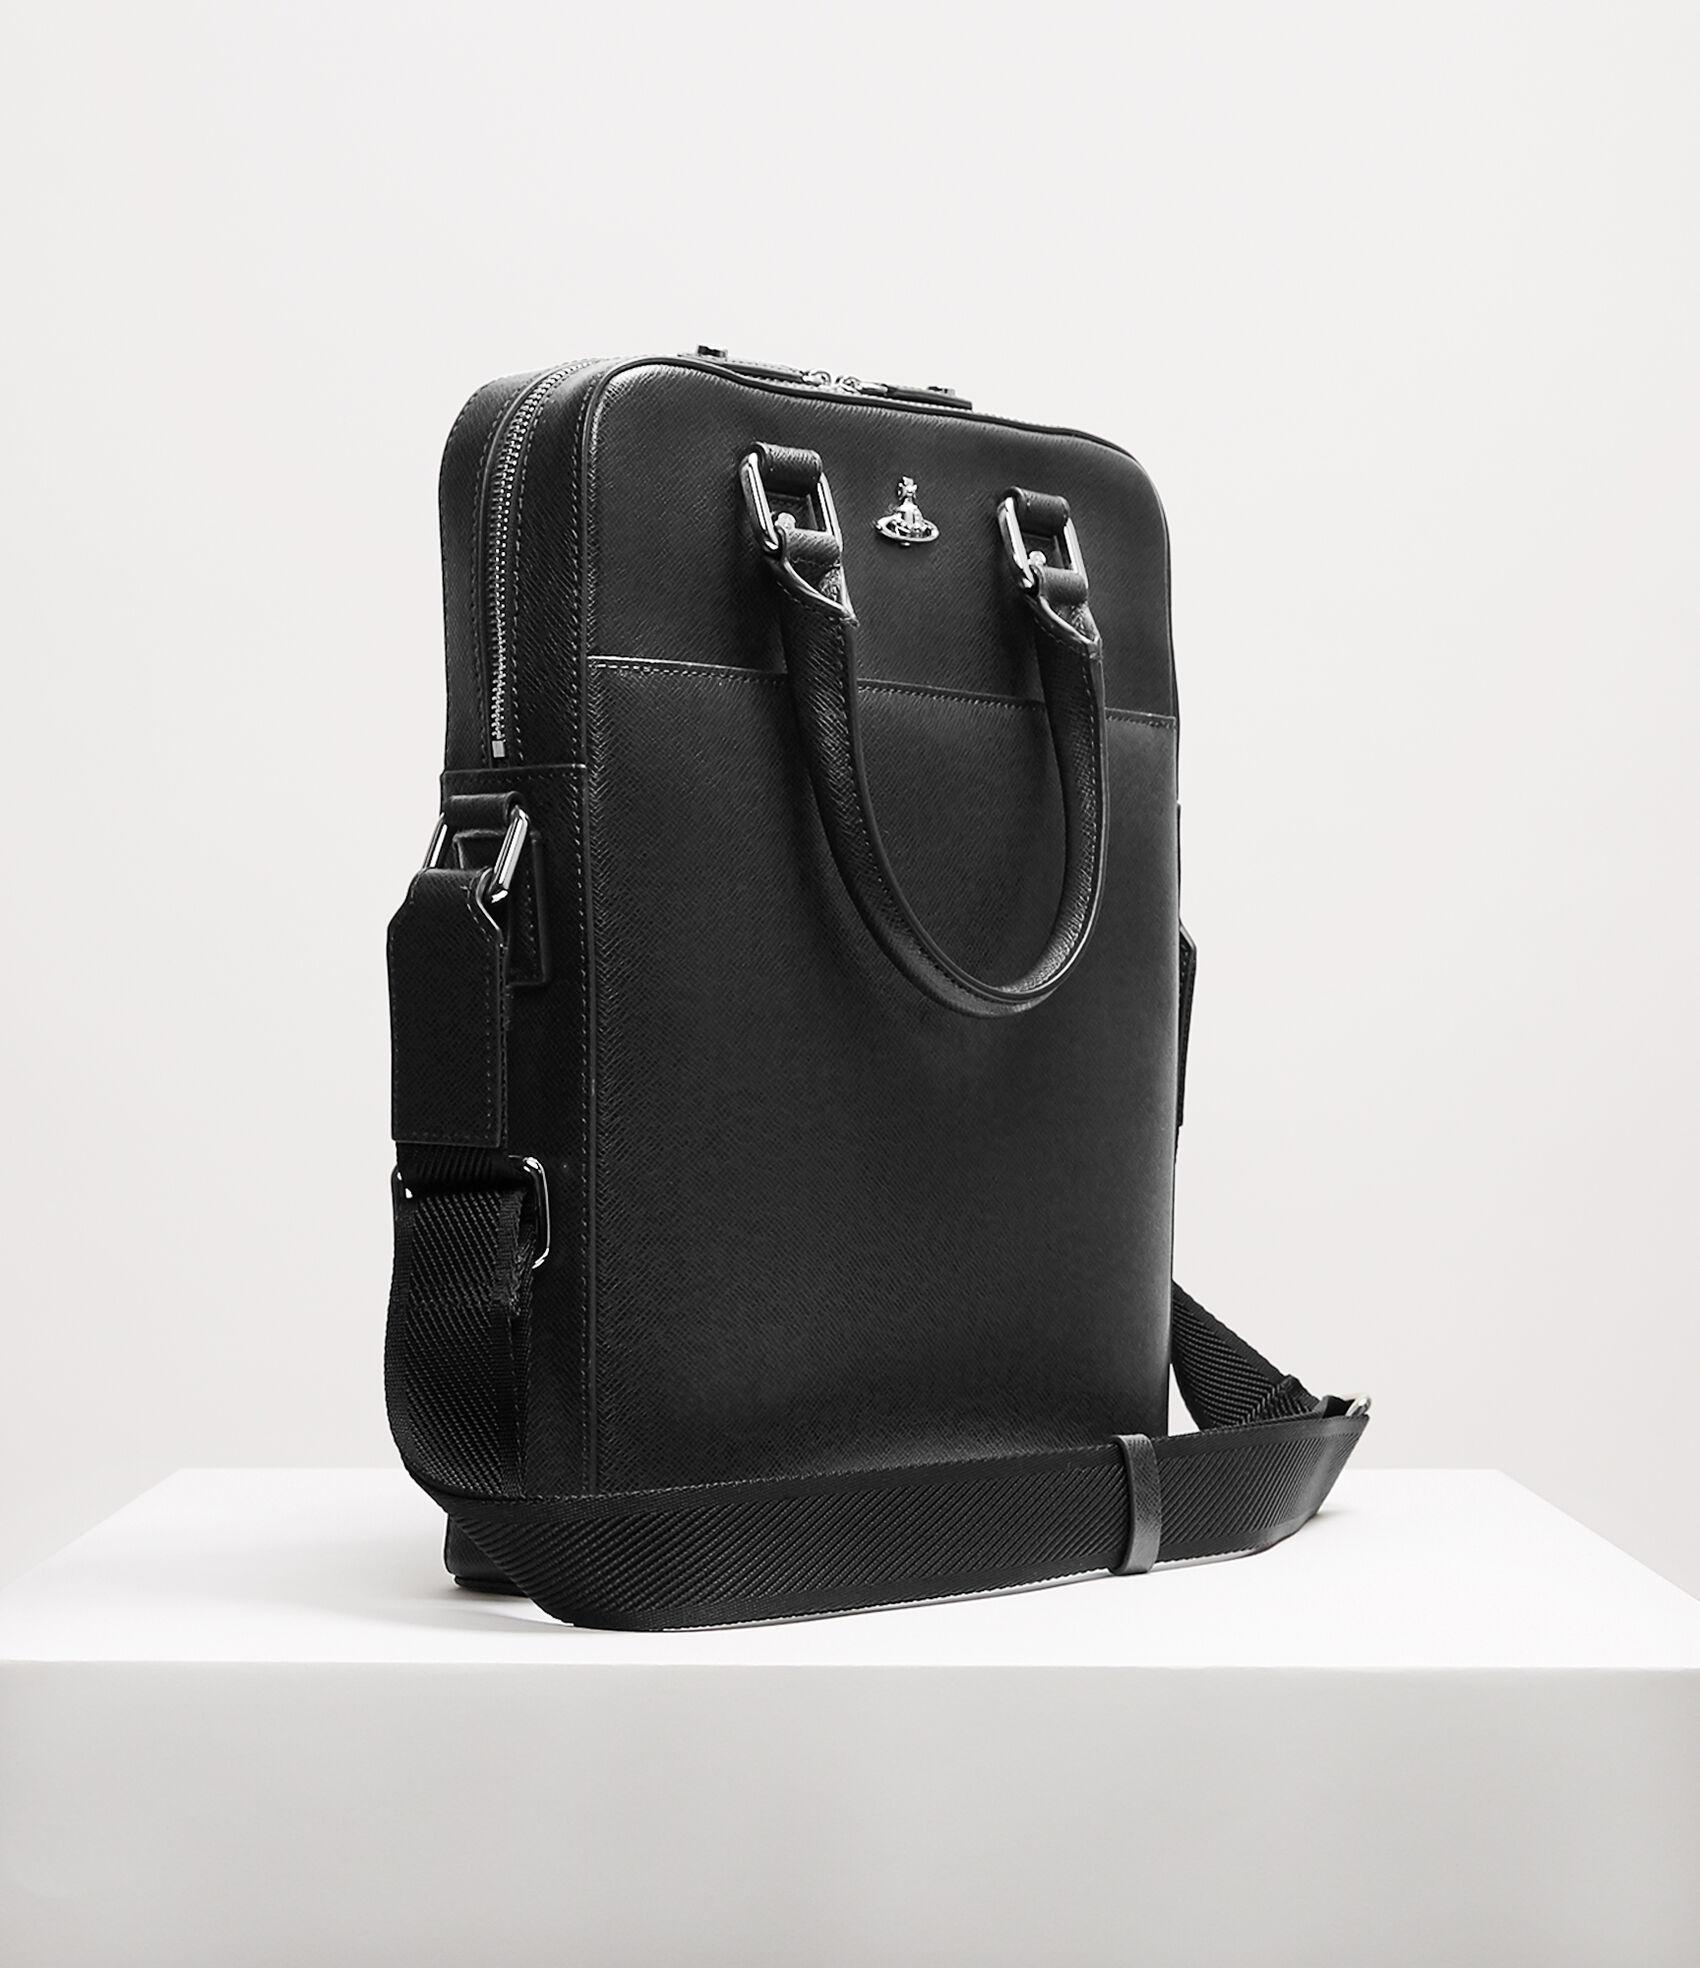 35a46862e9 Vivienne Westwood Pouches and document cases   Men's bags   Vivienne  Westwood - Kent Tote Bag Black